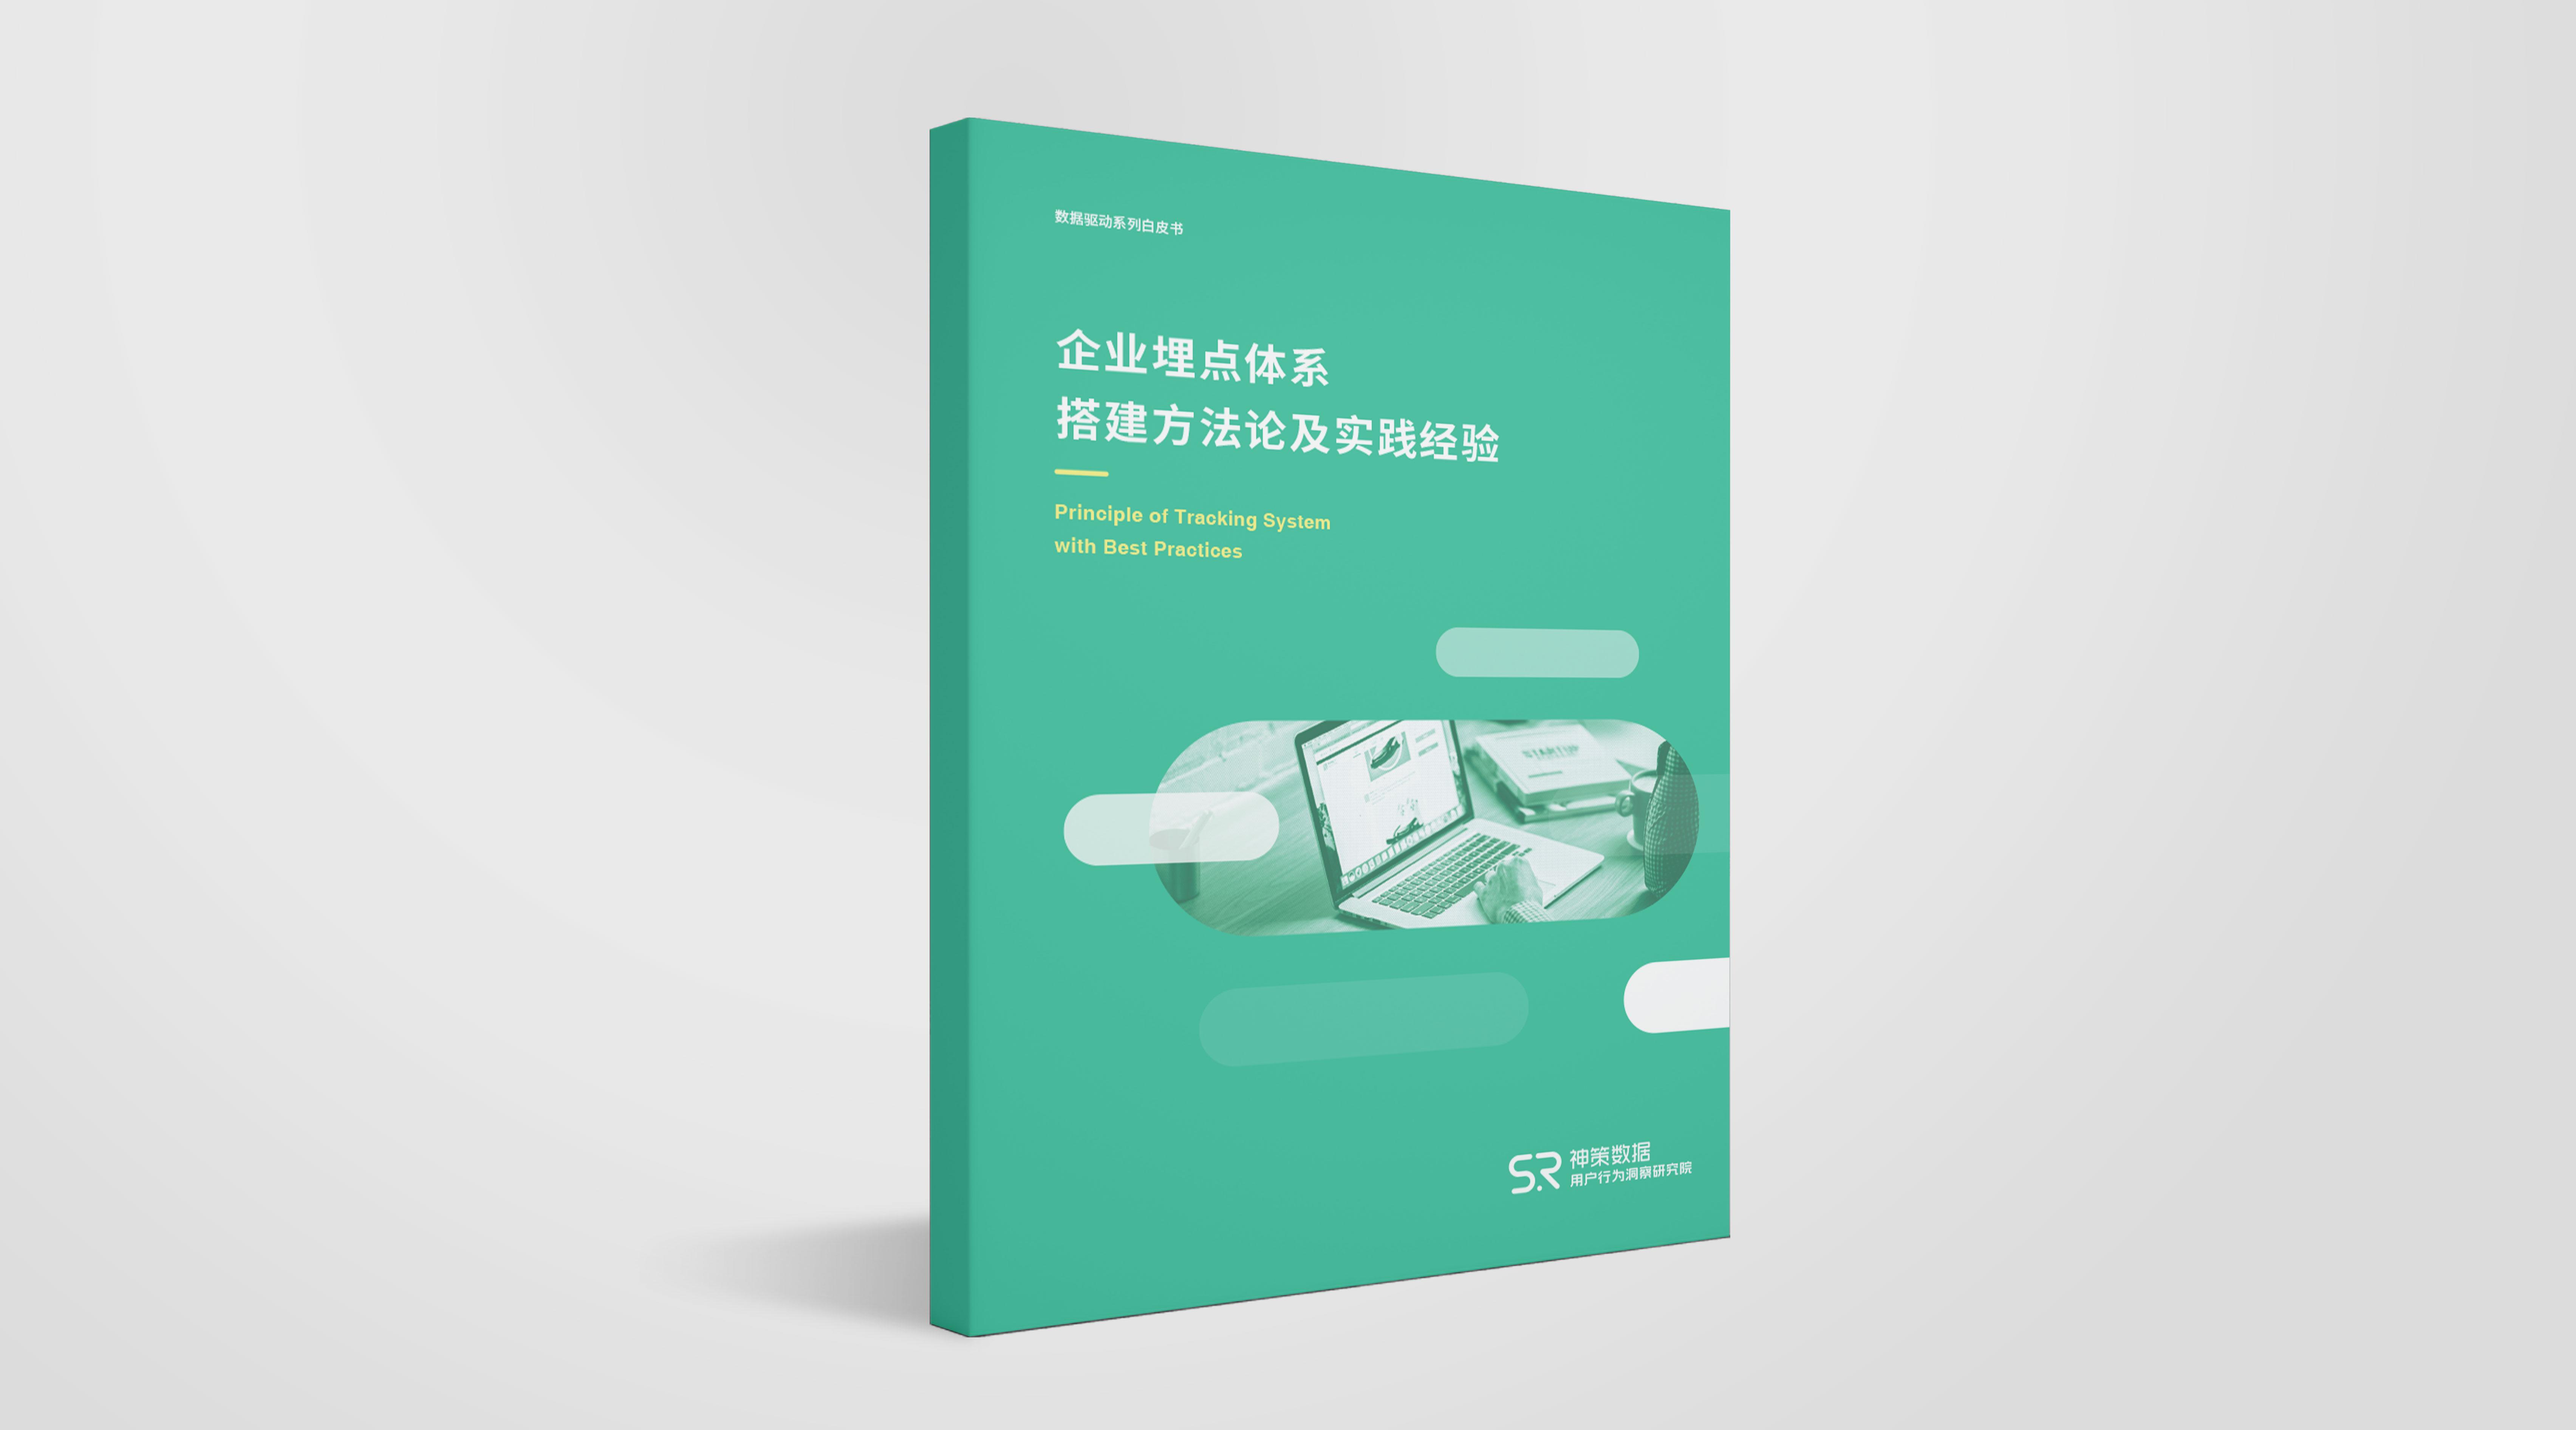 7ea96887f6cf316c25401ccd87312fdb.pdf